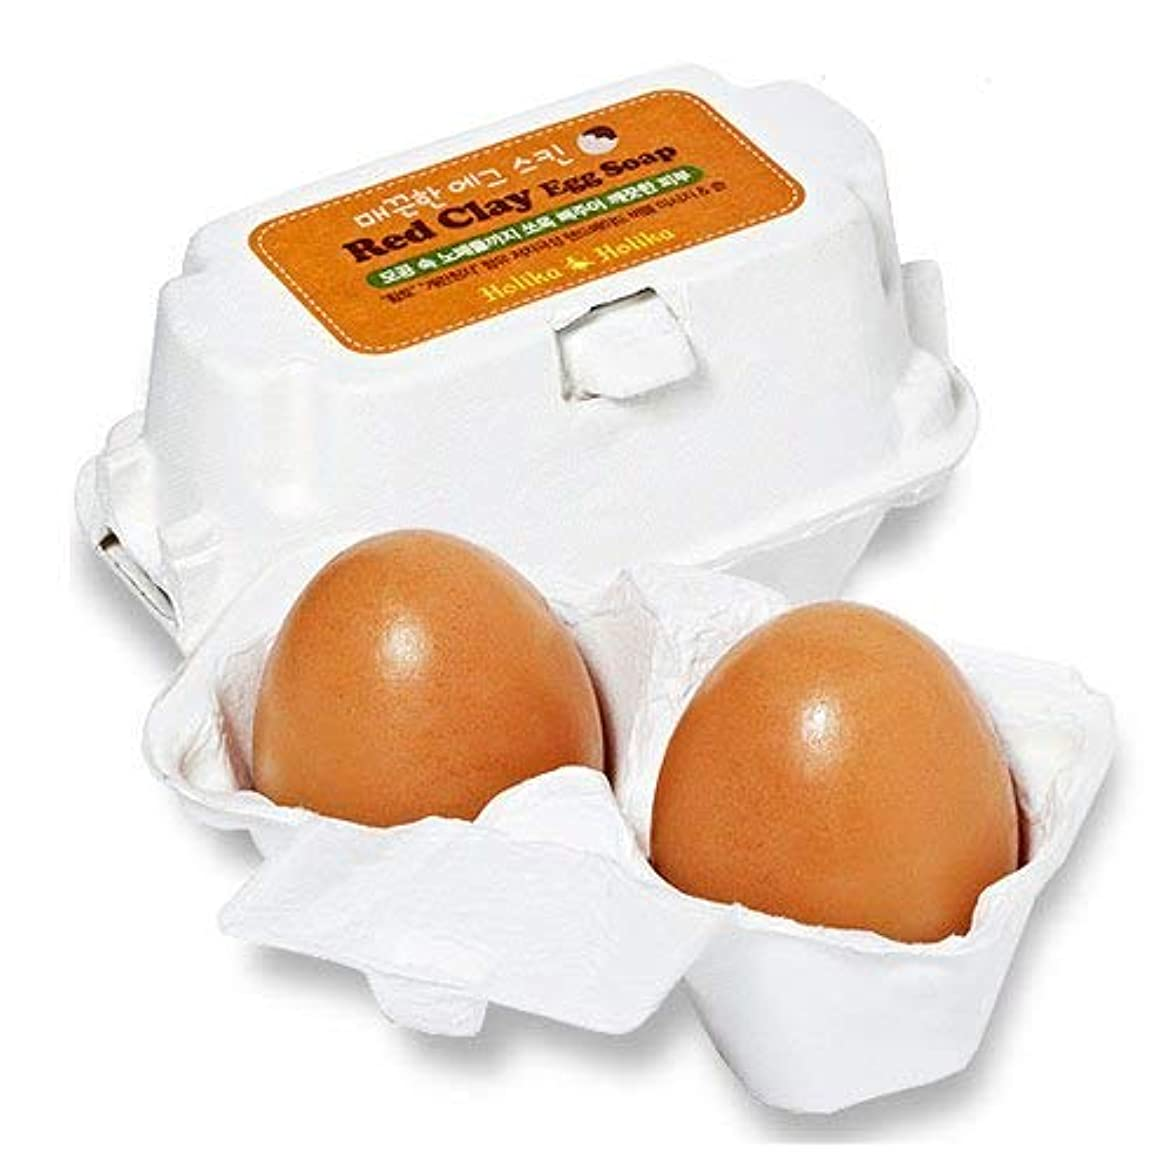 リスガレージリス[黄土/Red Clay] Holika Holika Egg Skin Egg Soap ホリカホリカ エッグスキン エッグソープ (50g*2個) [並行輸入品]